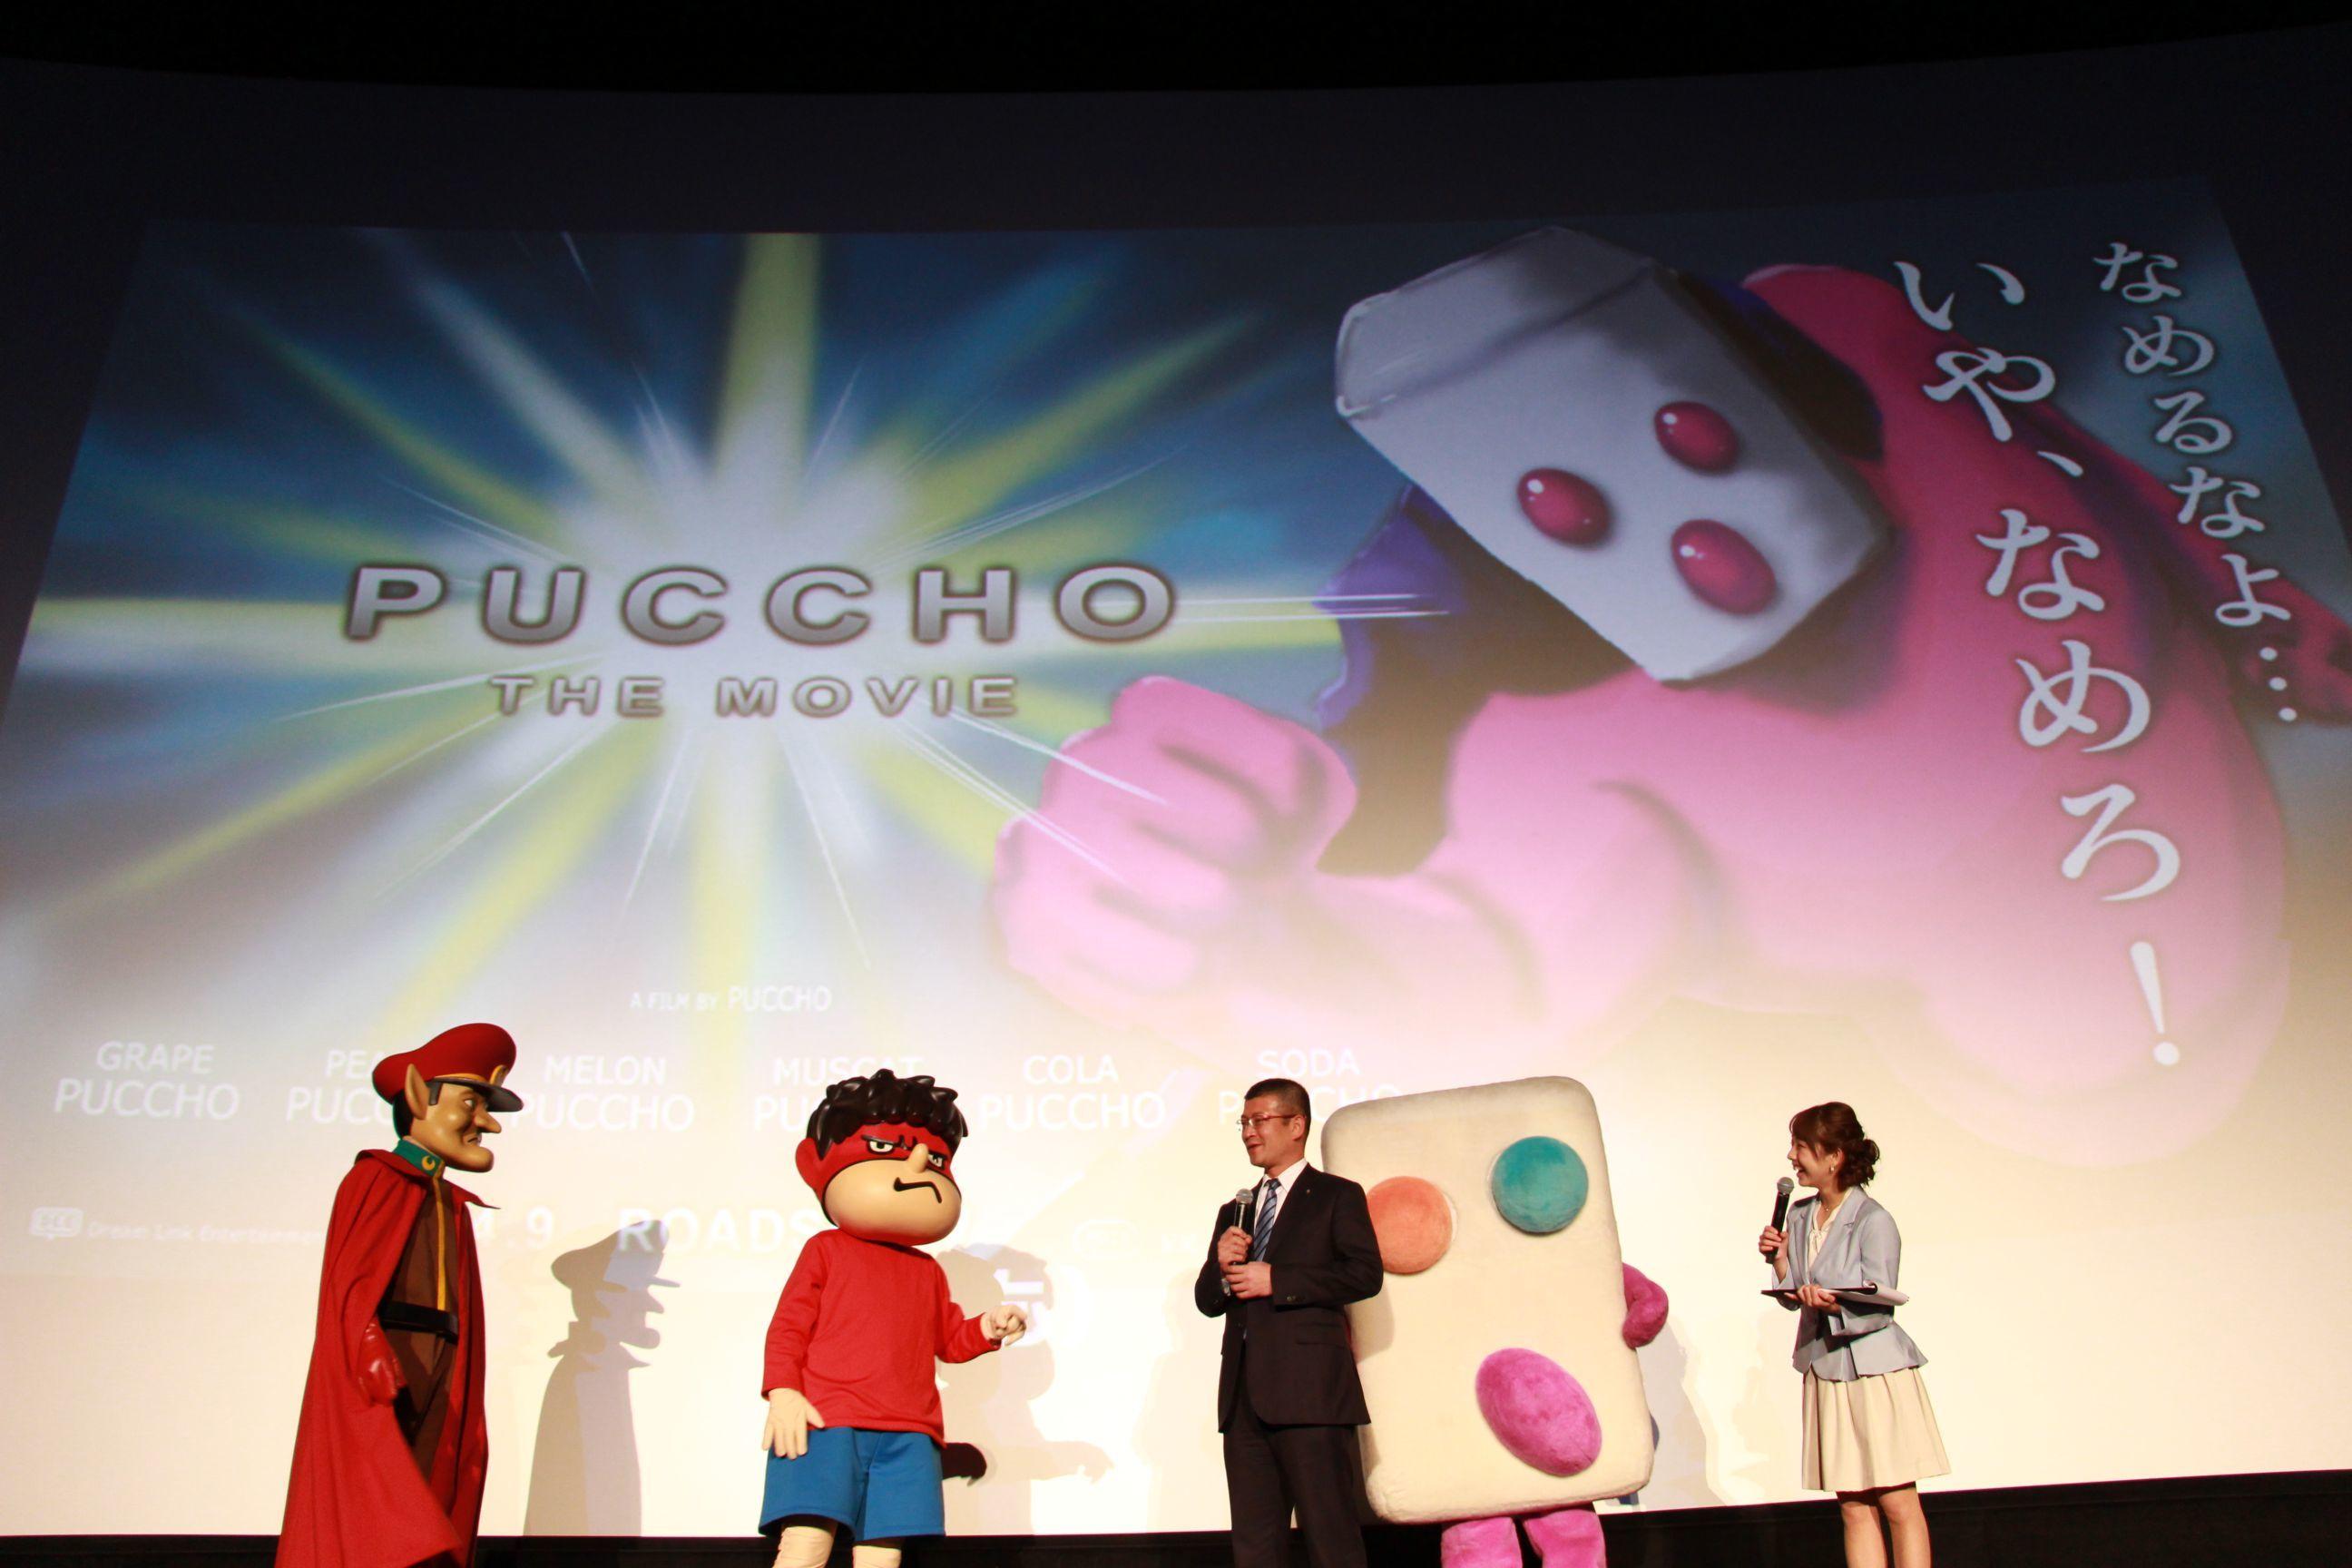 ぷっちょくんが披露した『PUCCHO THE MOVIE』のビジュアル 実現するかは不明